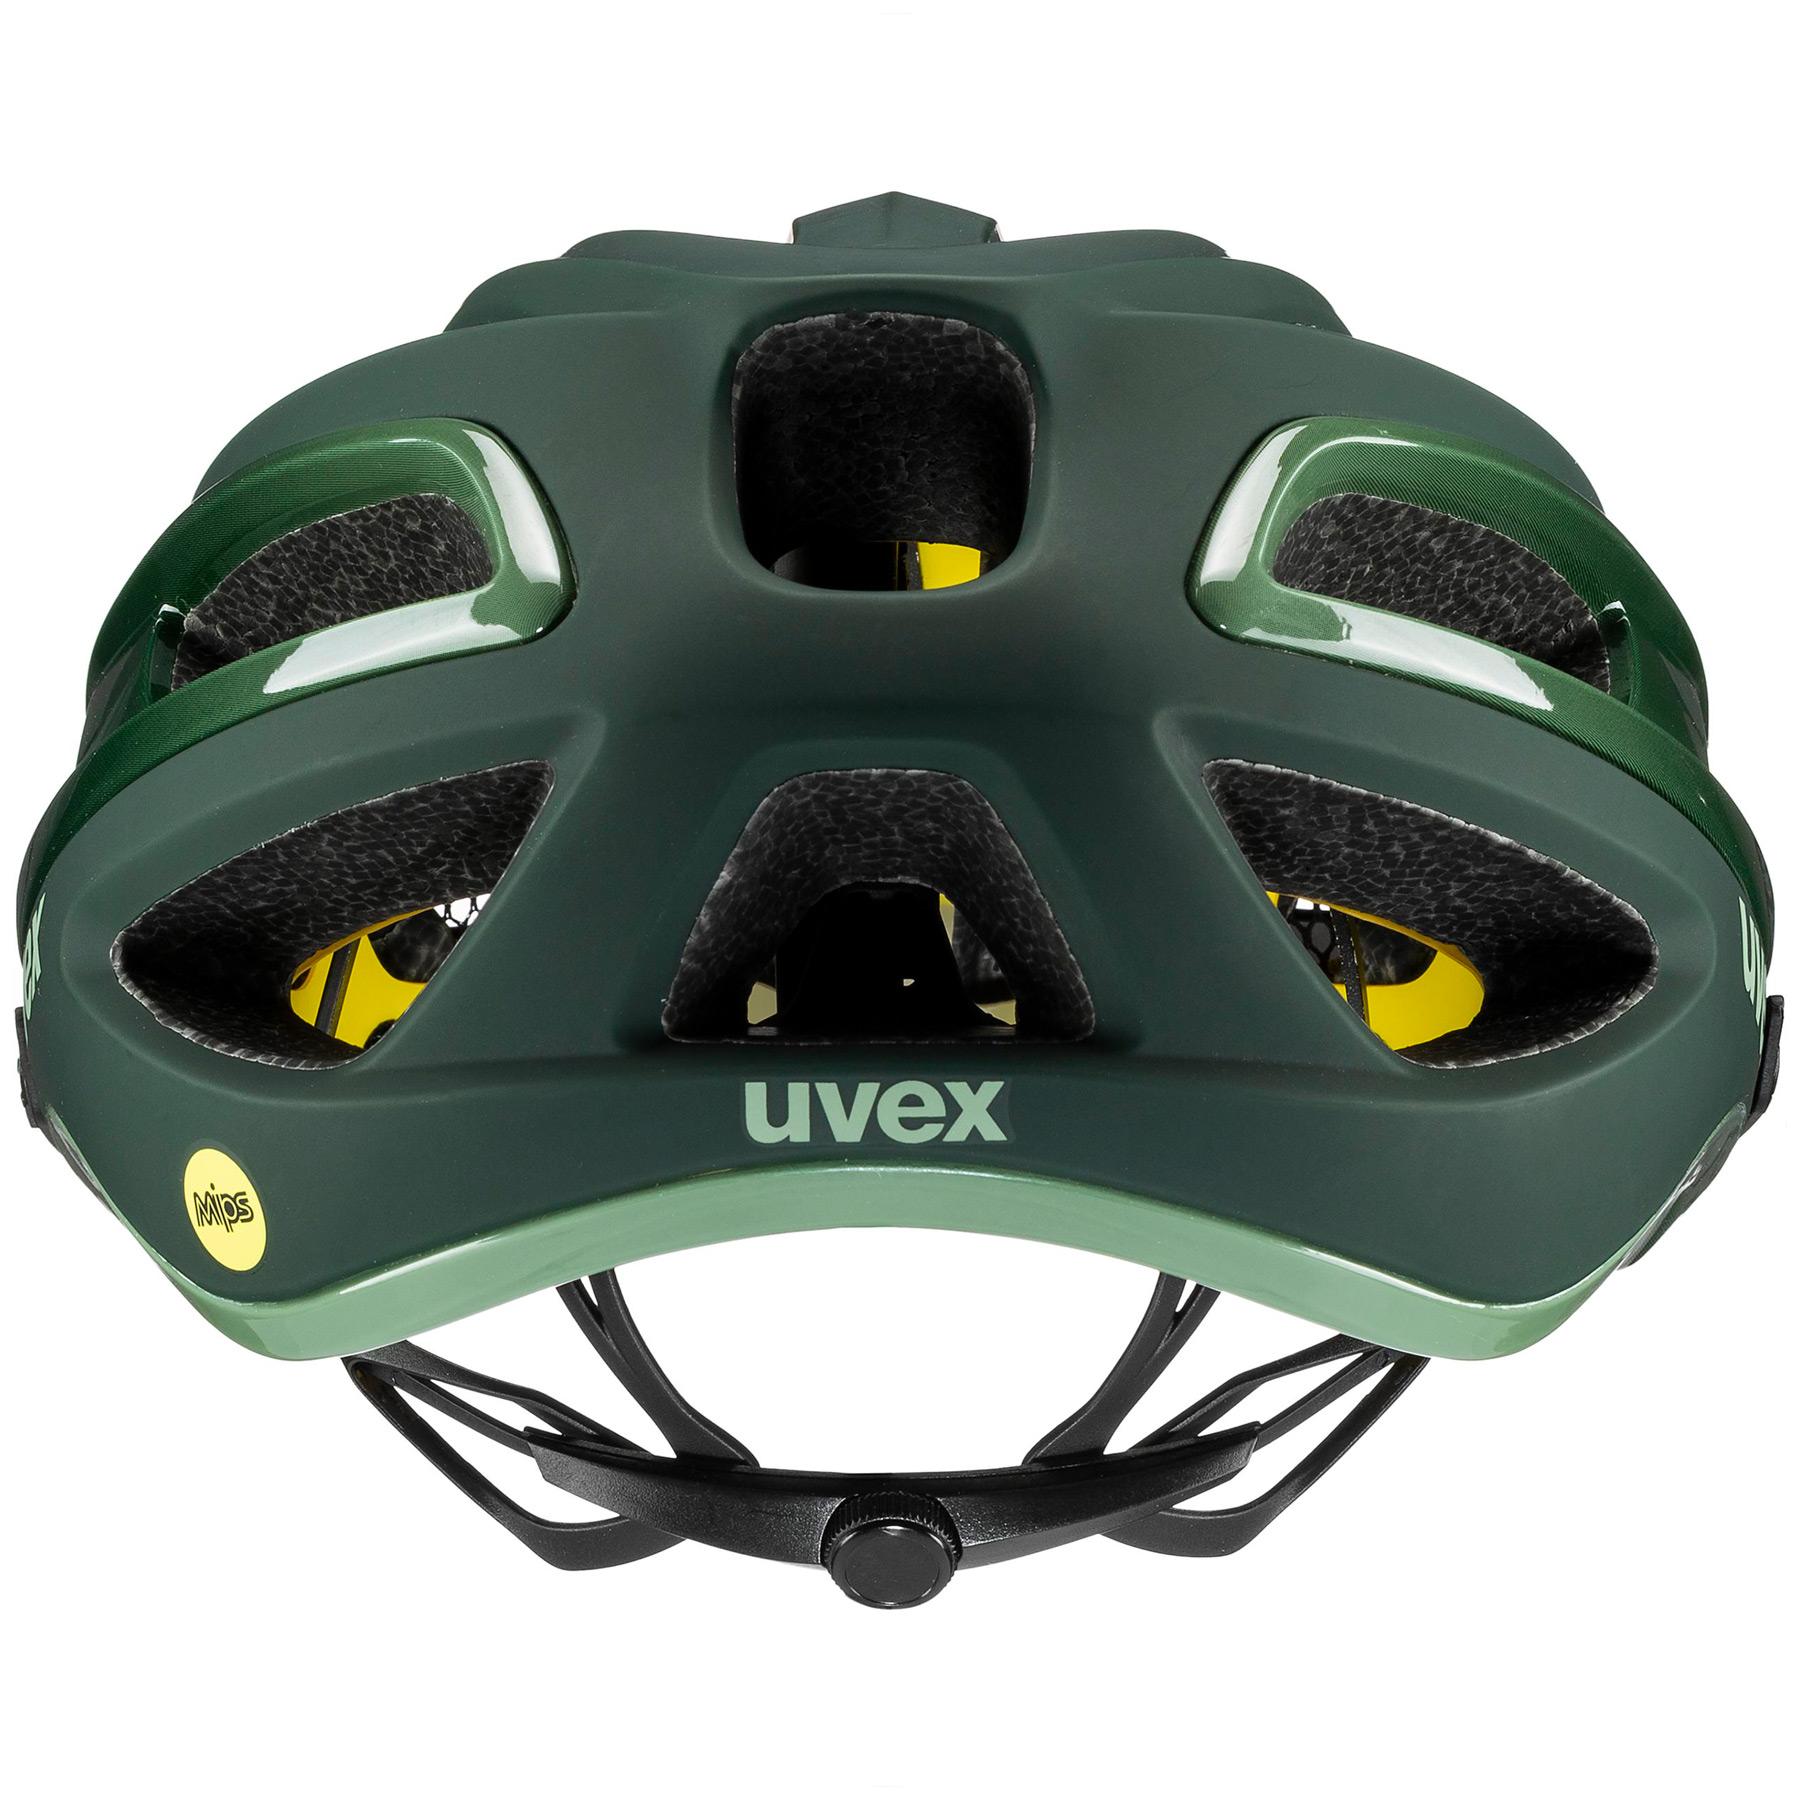 Bild von Uvex unbound MIPS Helm - forest - olive mat